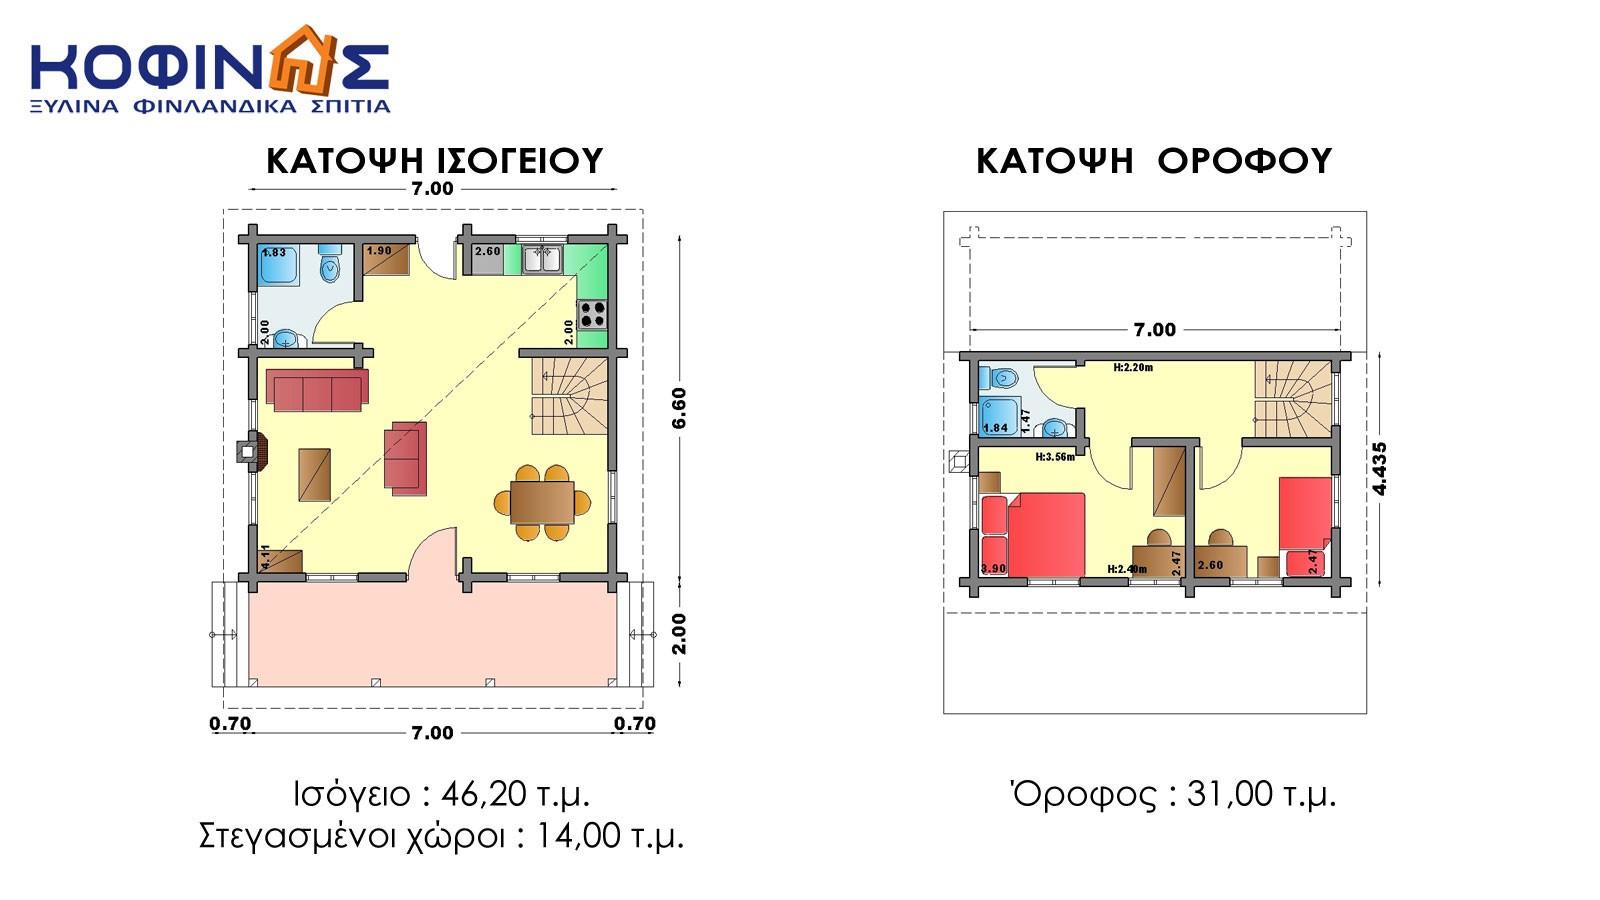 Διώροφη Ξύλινη Κατοικία XD-77, συνολικής επιφάνειας 77,20 τ.μ.